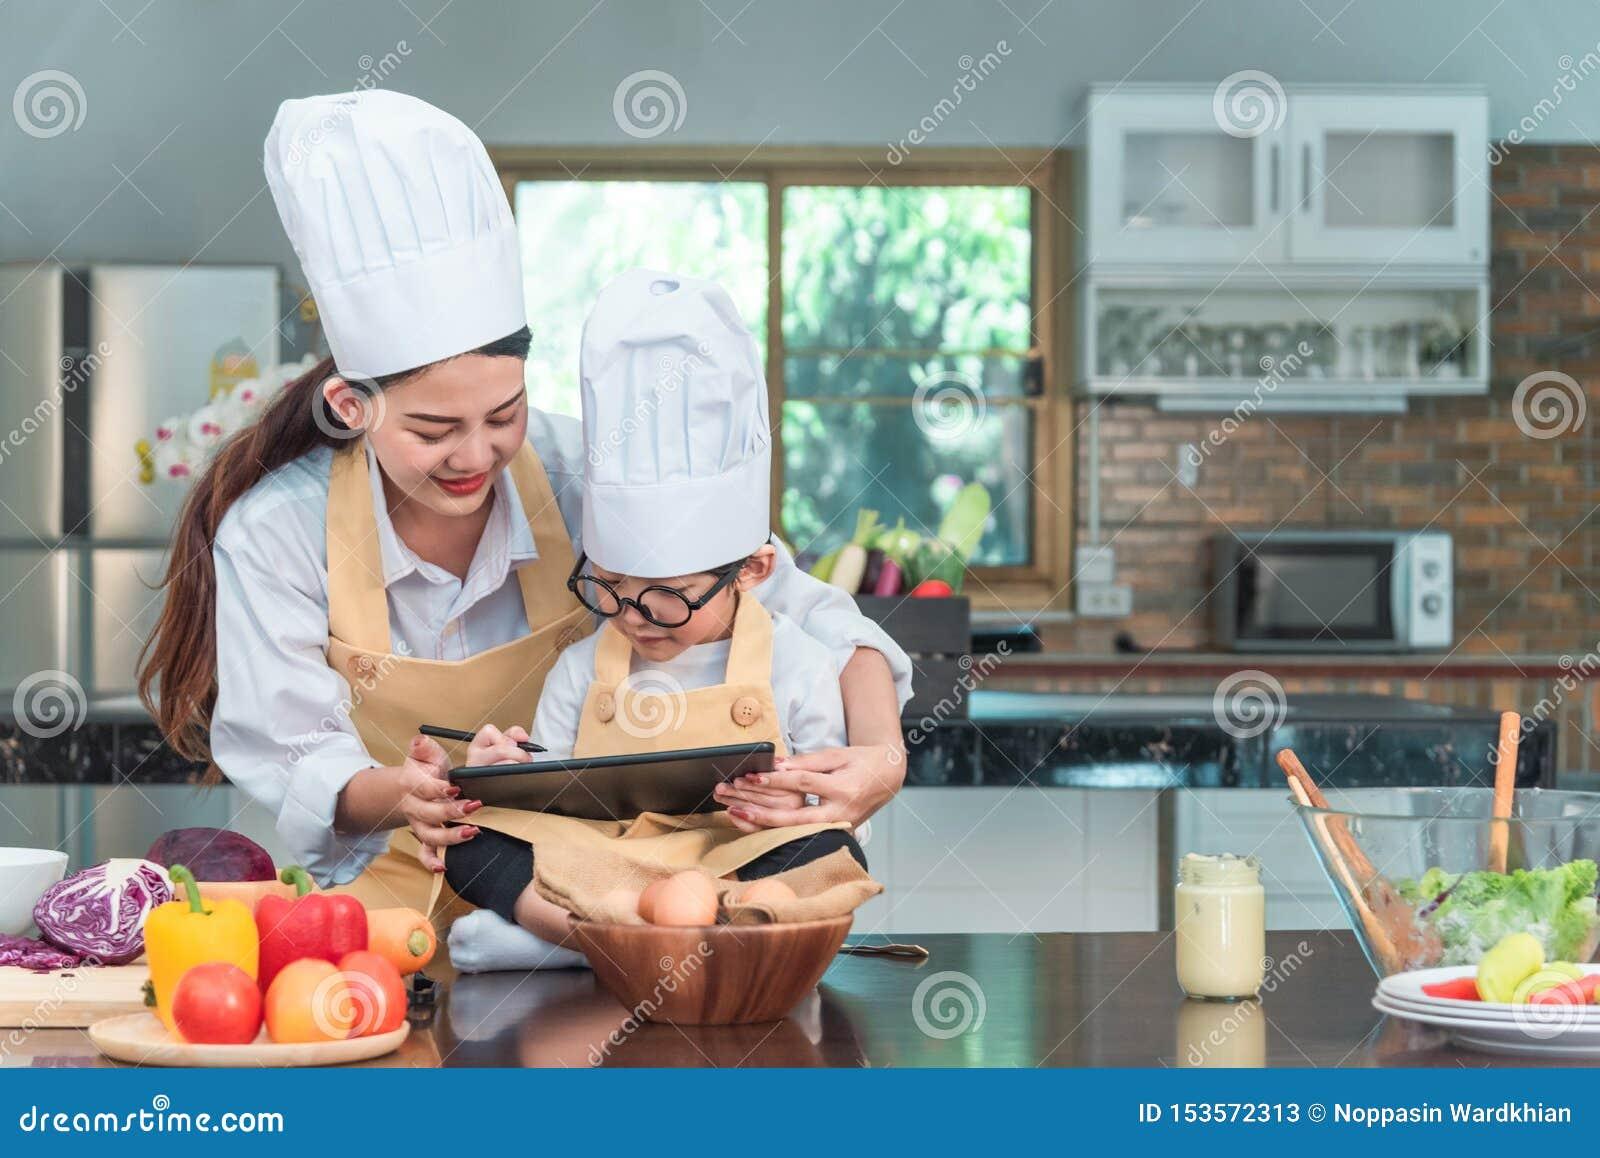 Jovem mulher e criança que usa o tablet pc ao cozinhar na cozinha Householding, alimento saboroso e tecnologia digital no estilo